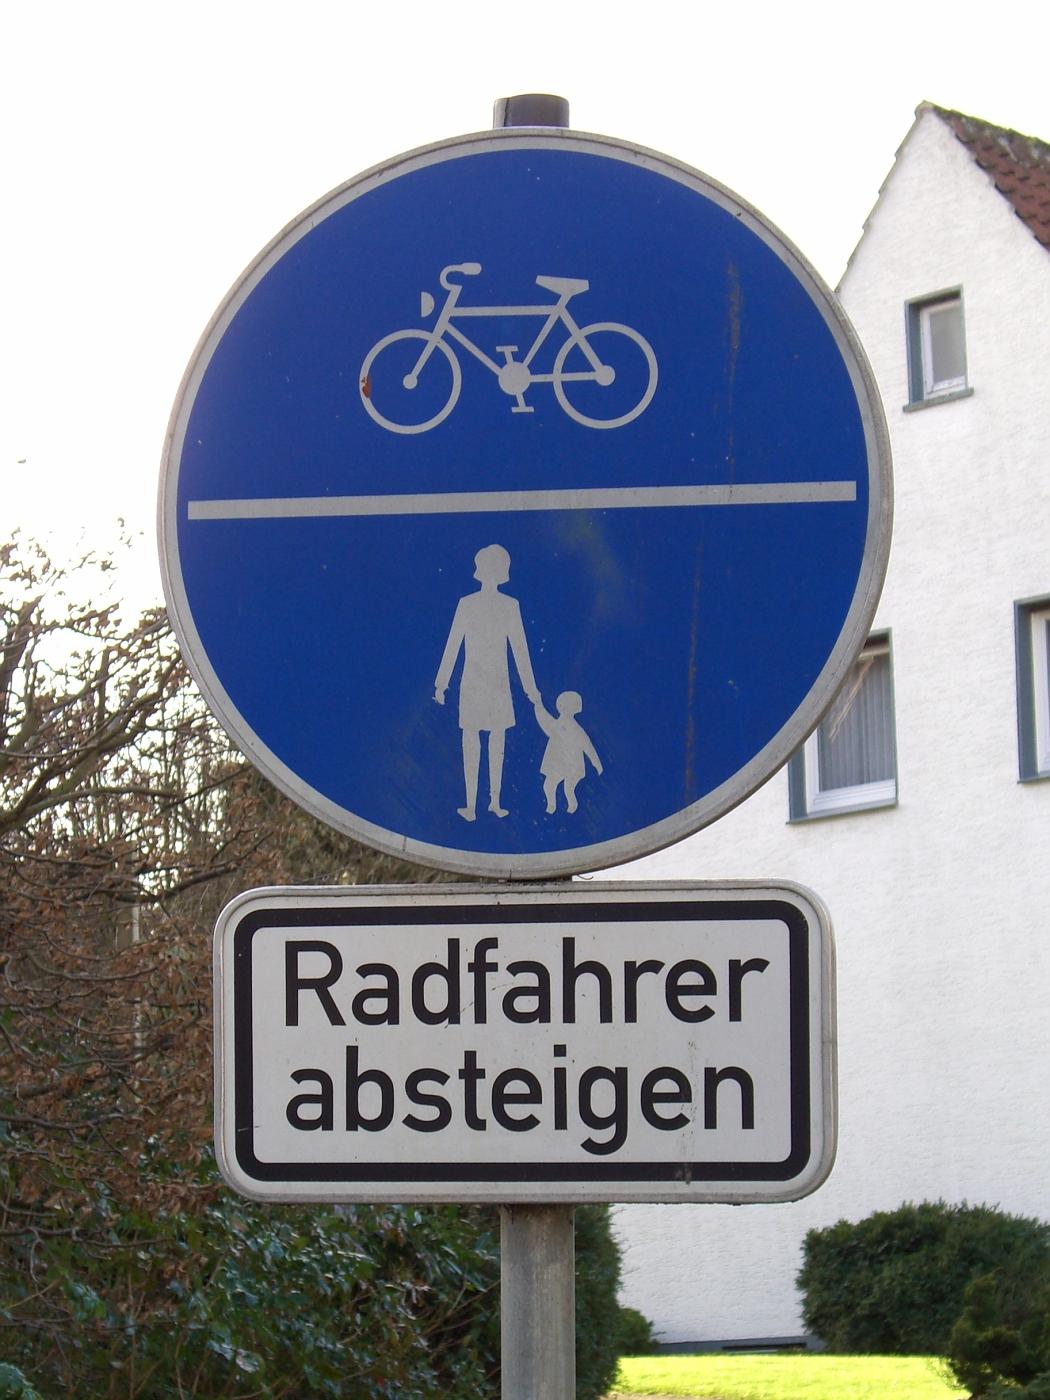 Radfahrer absteigen